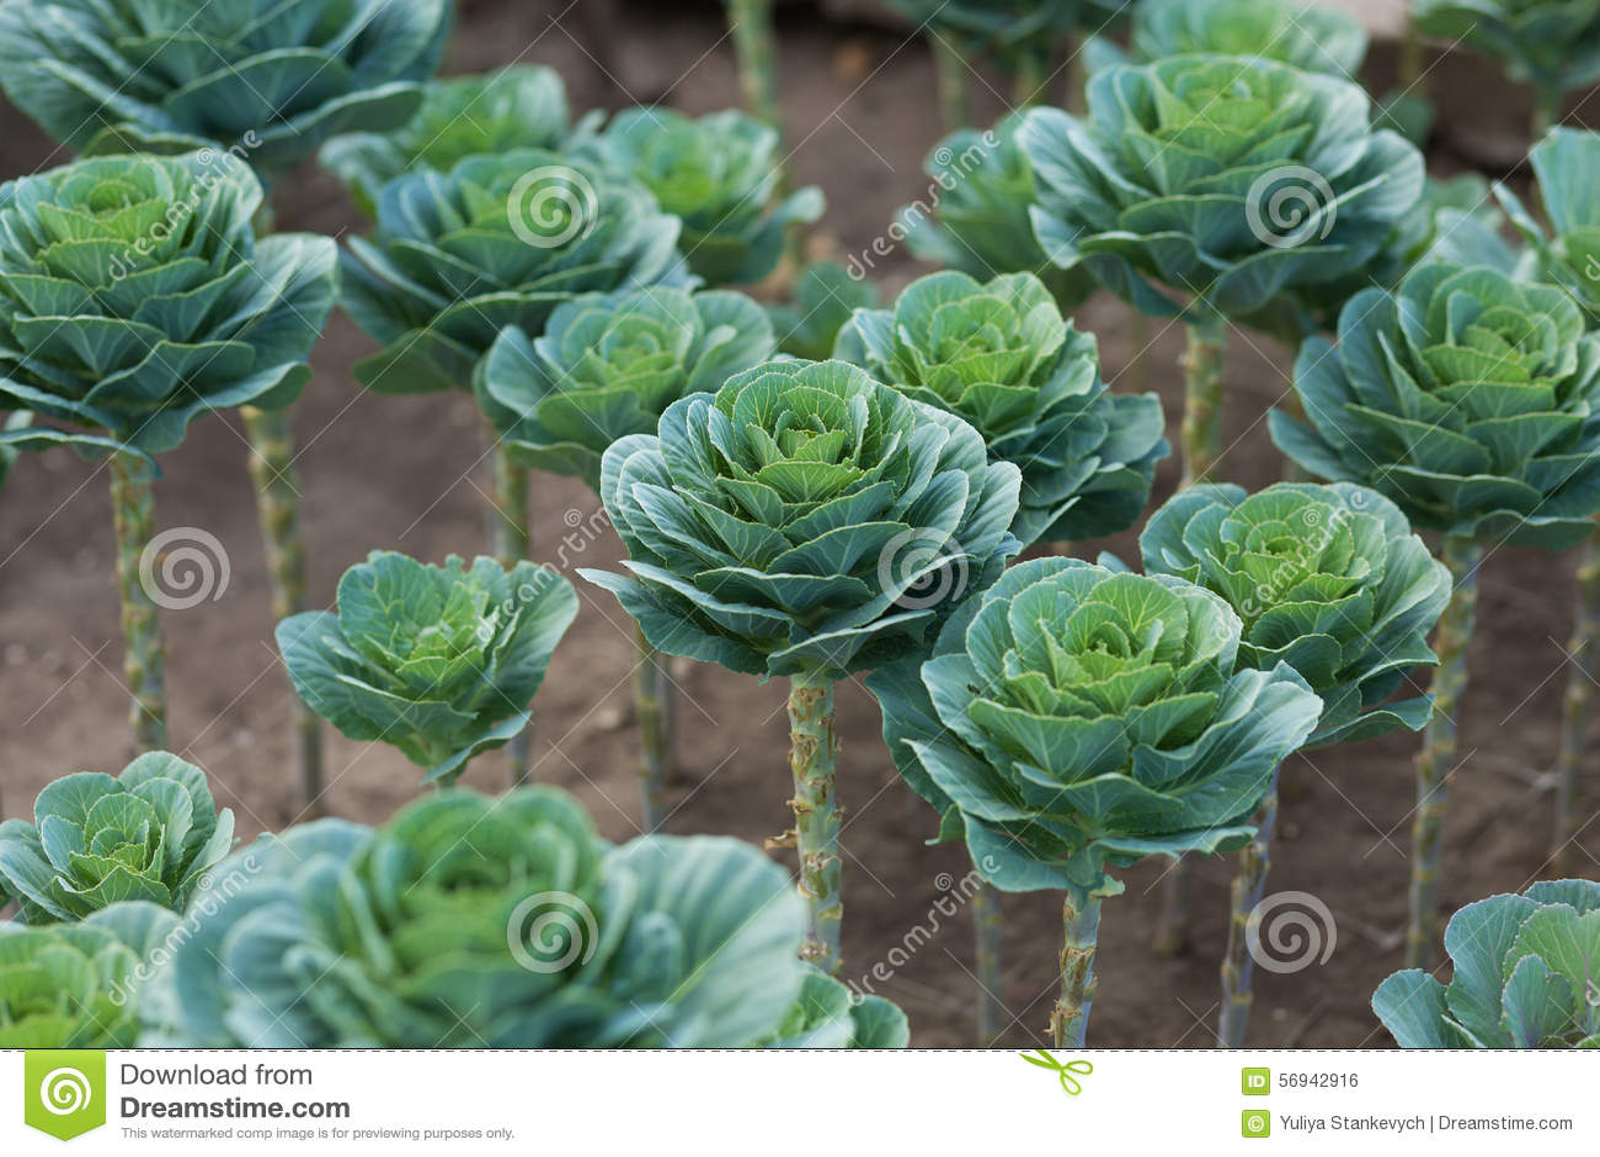 gr npflanzen im garten stockfoto bild von kohl auszug